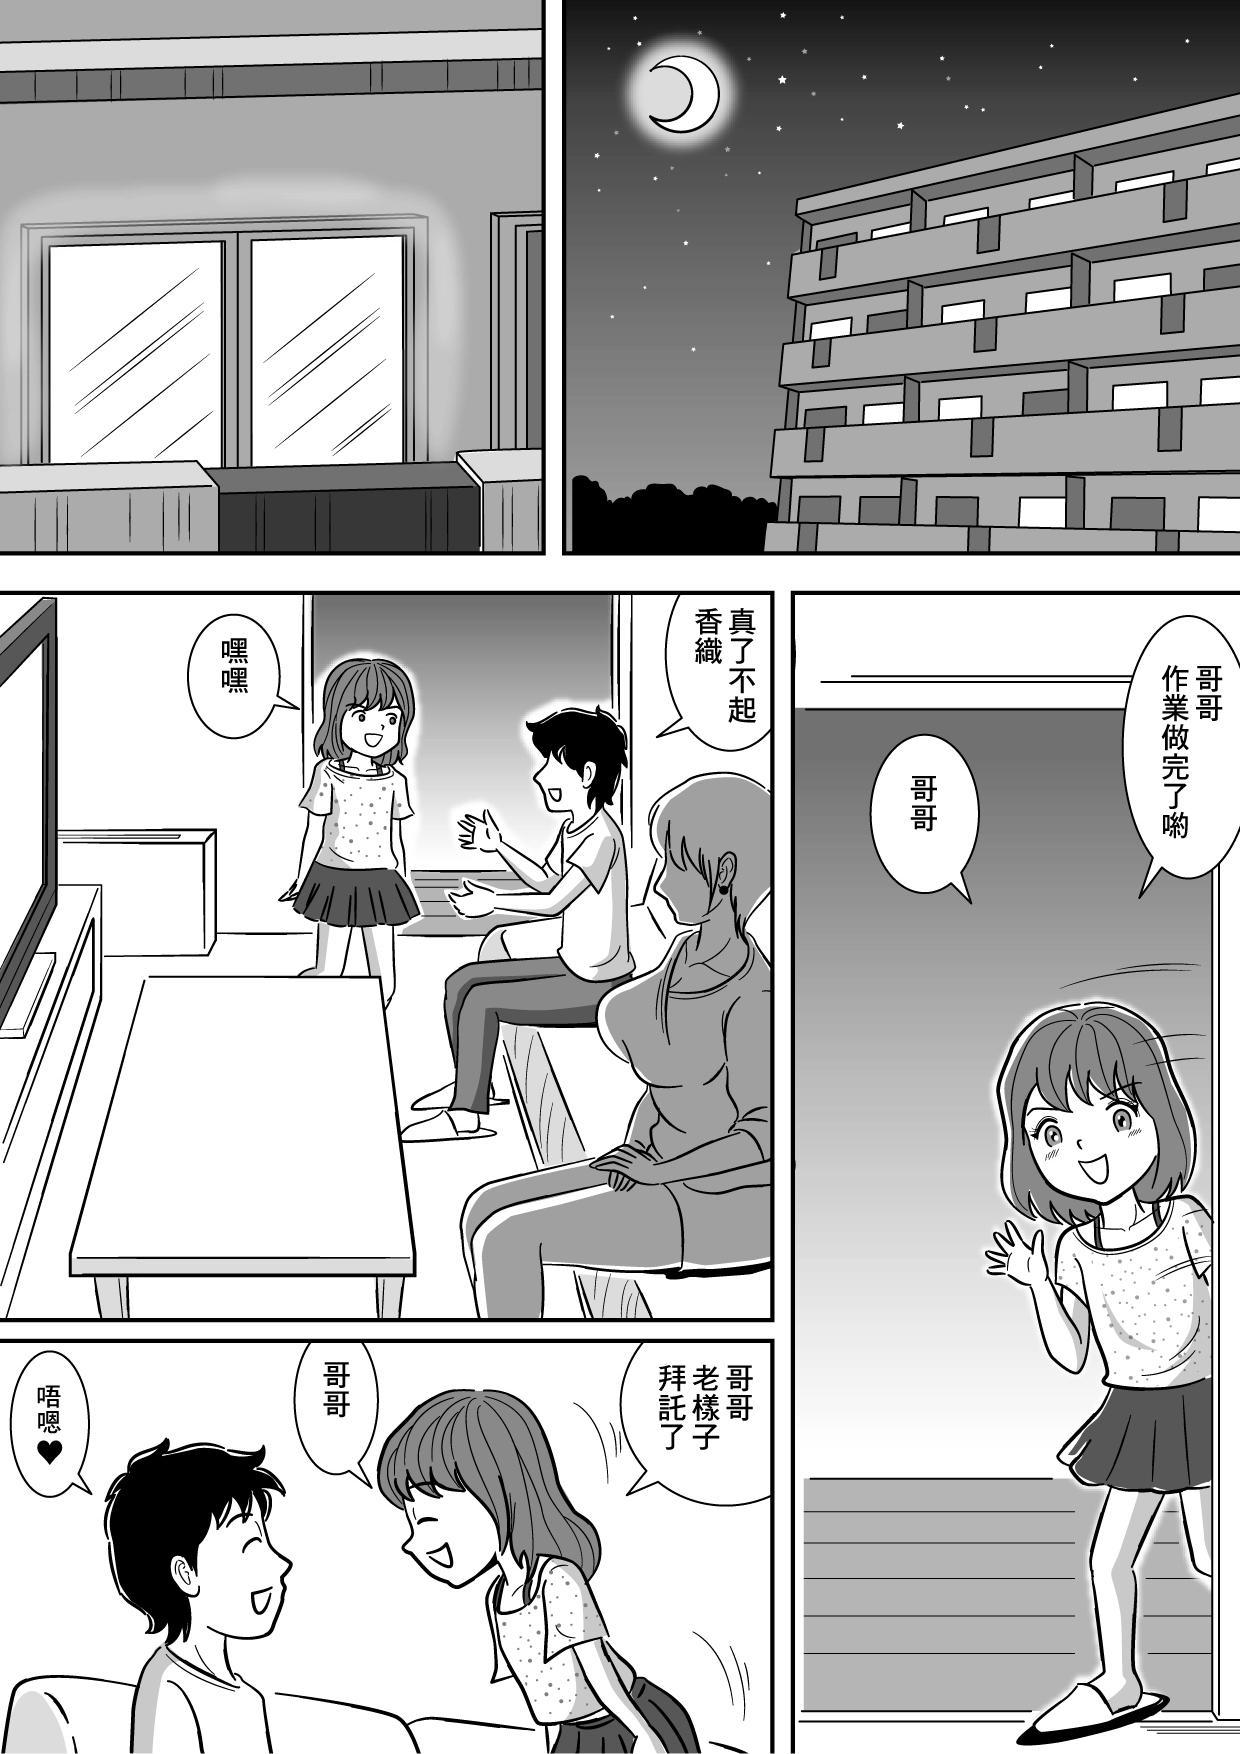 Imouto no Onanii o Tetsudau Ani Sore o Mimamoru Haha 3